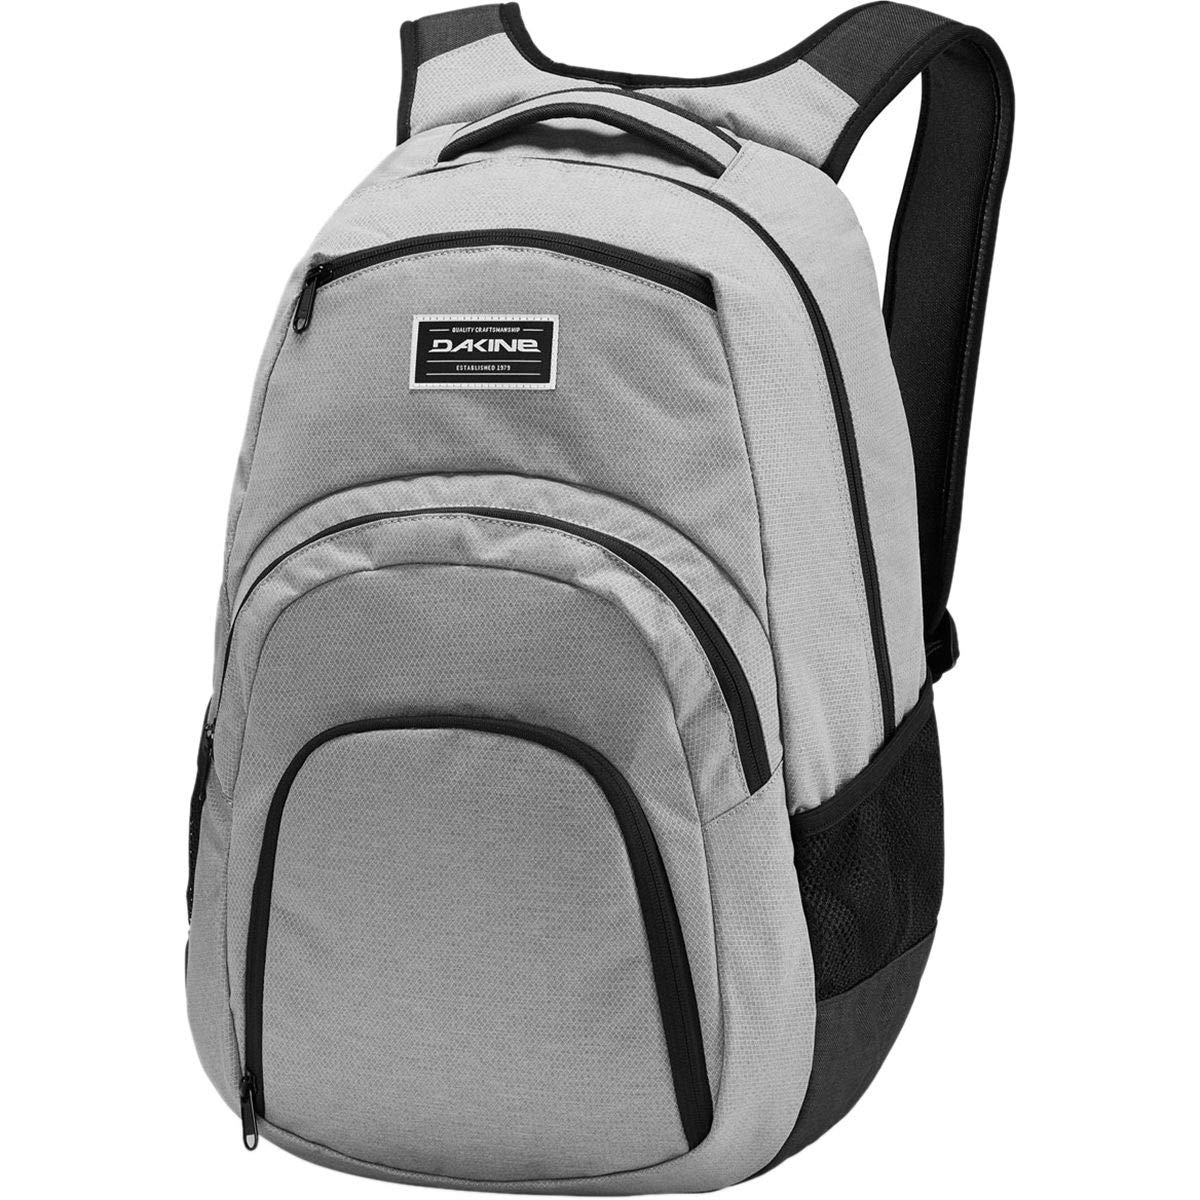 (ダカイン) DAKINE Campus 33L Backpackメンズ バックパック リュック Laurelwood [並行輸入品]   B07H583FL1